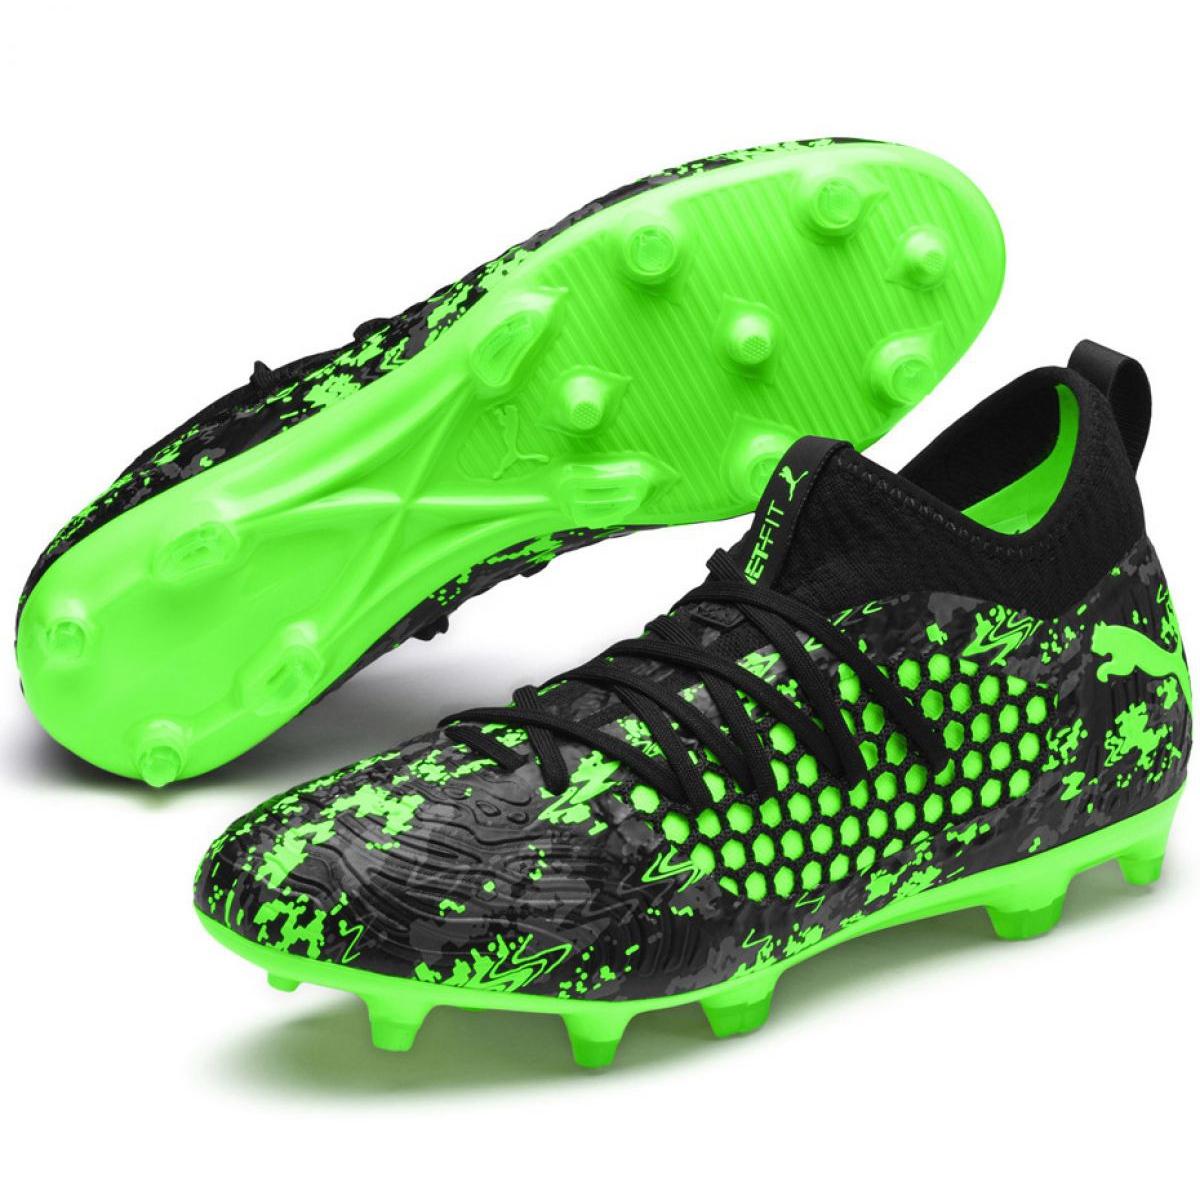 Détails sur Chaussures de football Puma Future 19.3 Netfit Fg Ag M 105539 04 noir, vert noir